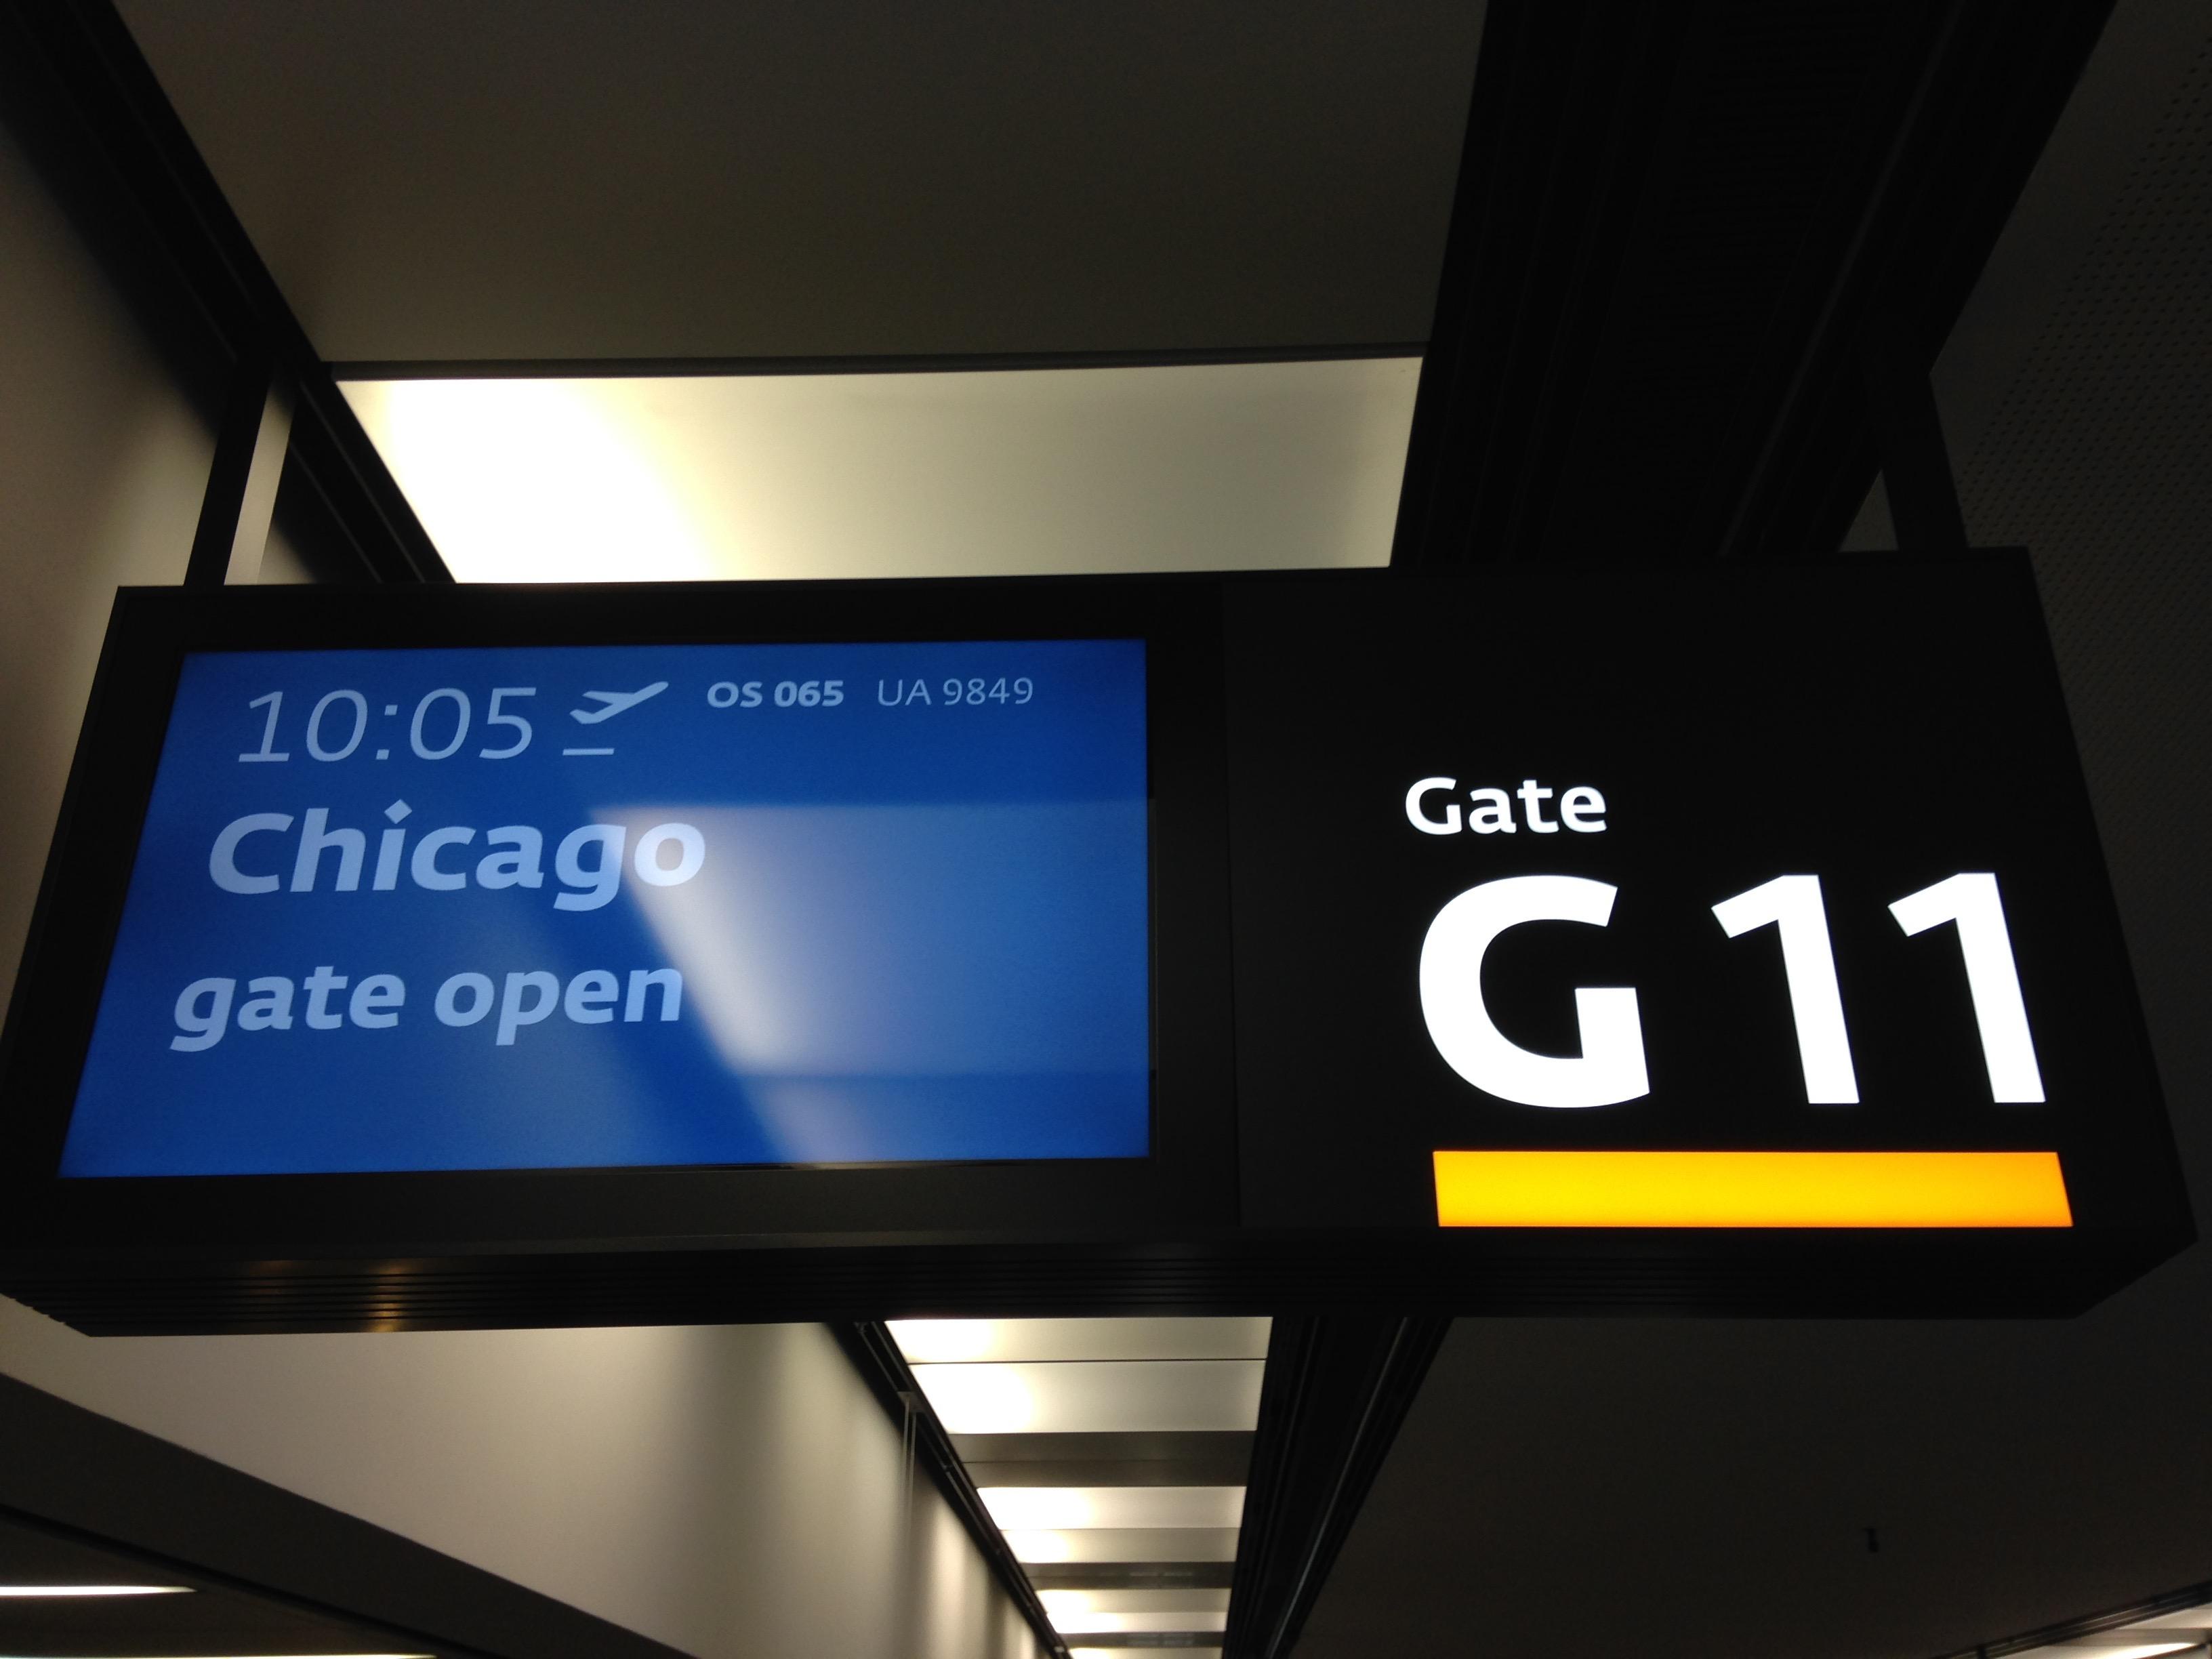 Gate Chicago